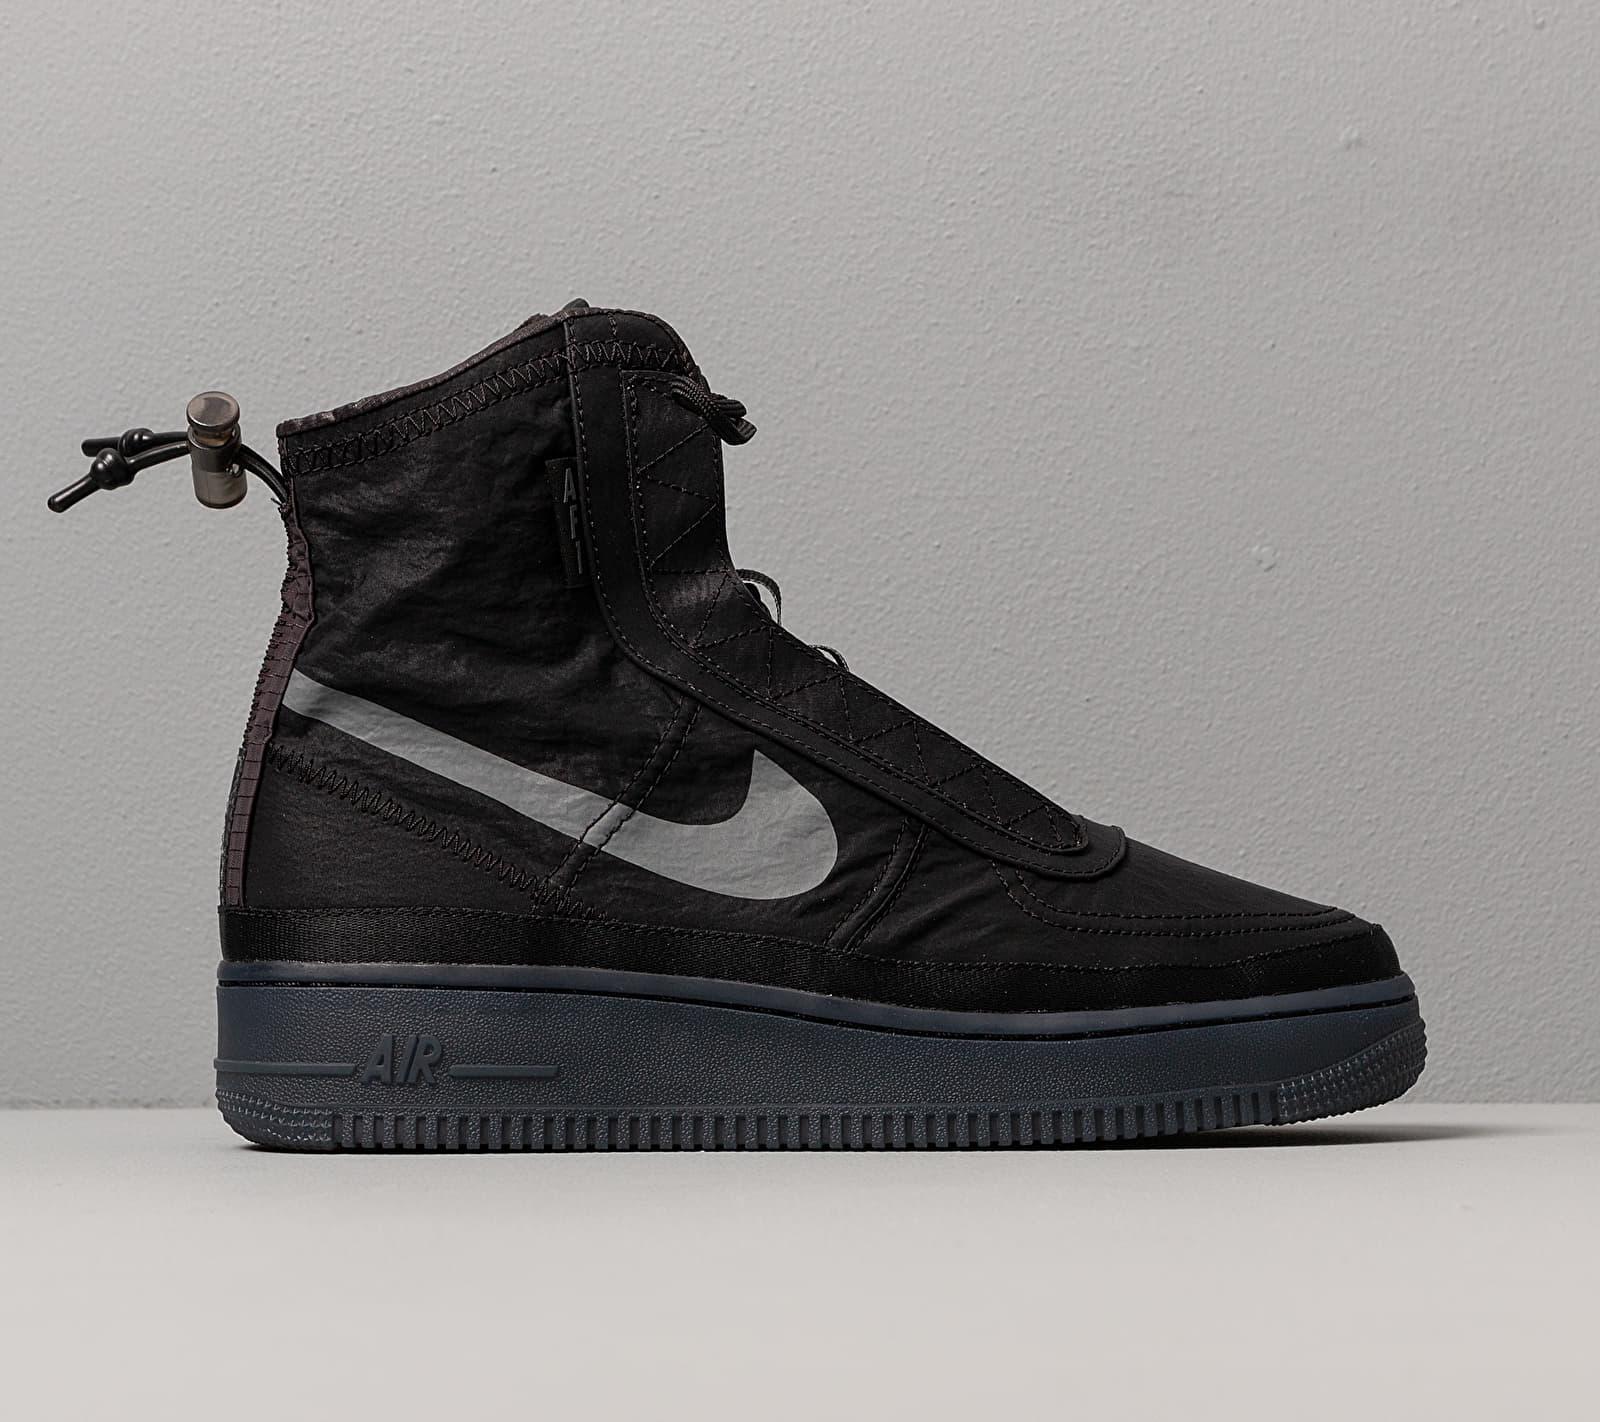 W Air Force 1 Shell Black/ Dark Grey-Black Nike